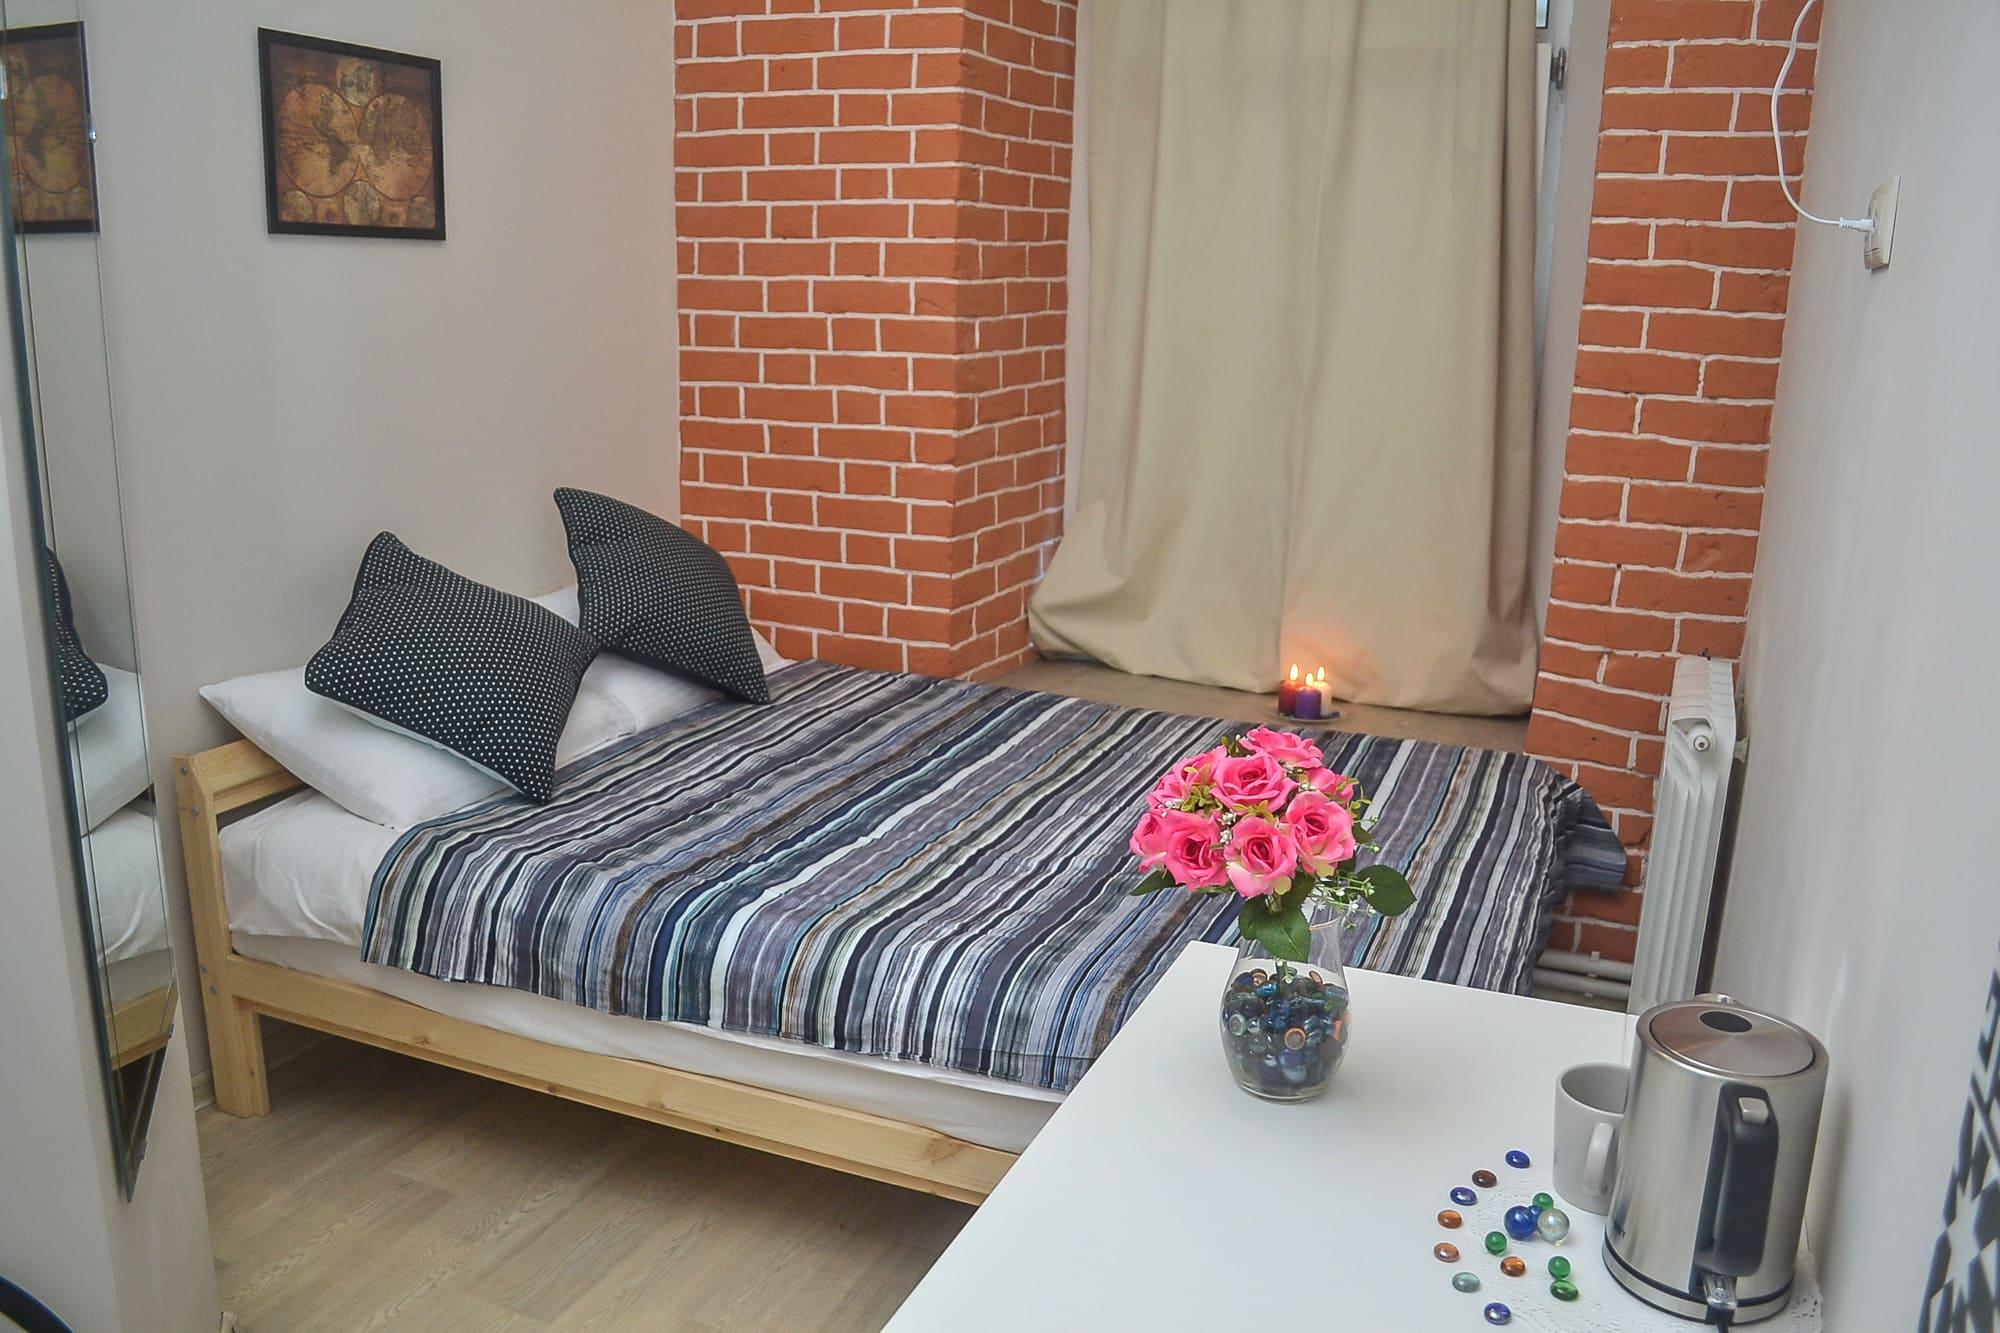 Фотография номера «Мини студия» в апарт-отеле VNorke.ru